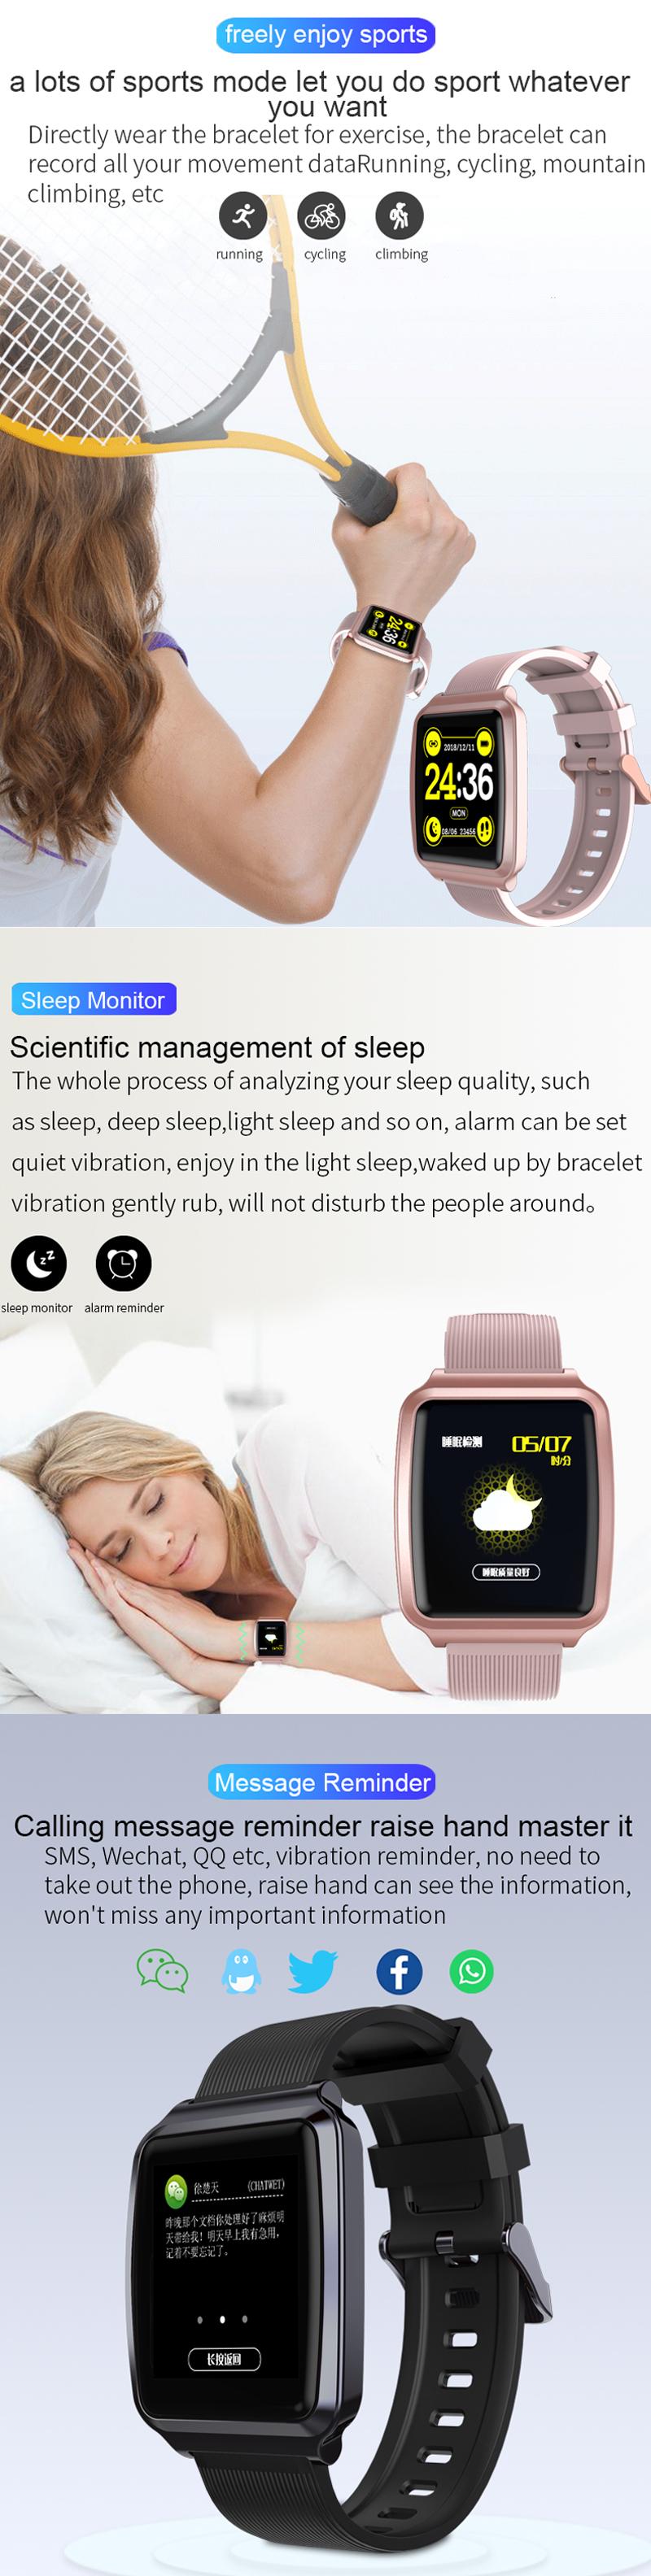 XANES®KY1161,3-дюймовыйсенсорныйэкранIPS Водонепроницаемы Смарт-часы Анти-потерянный Фитнес Спортивный браслет - фото 3